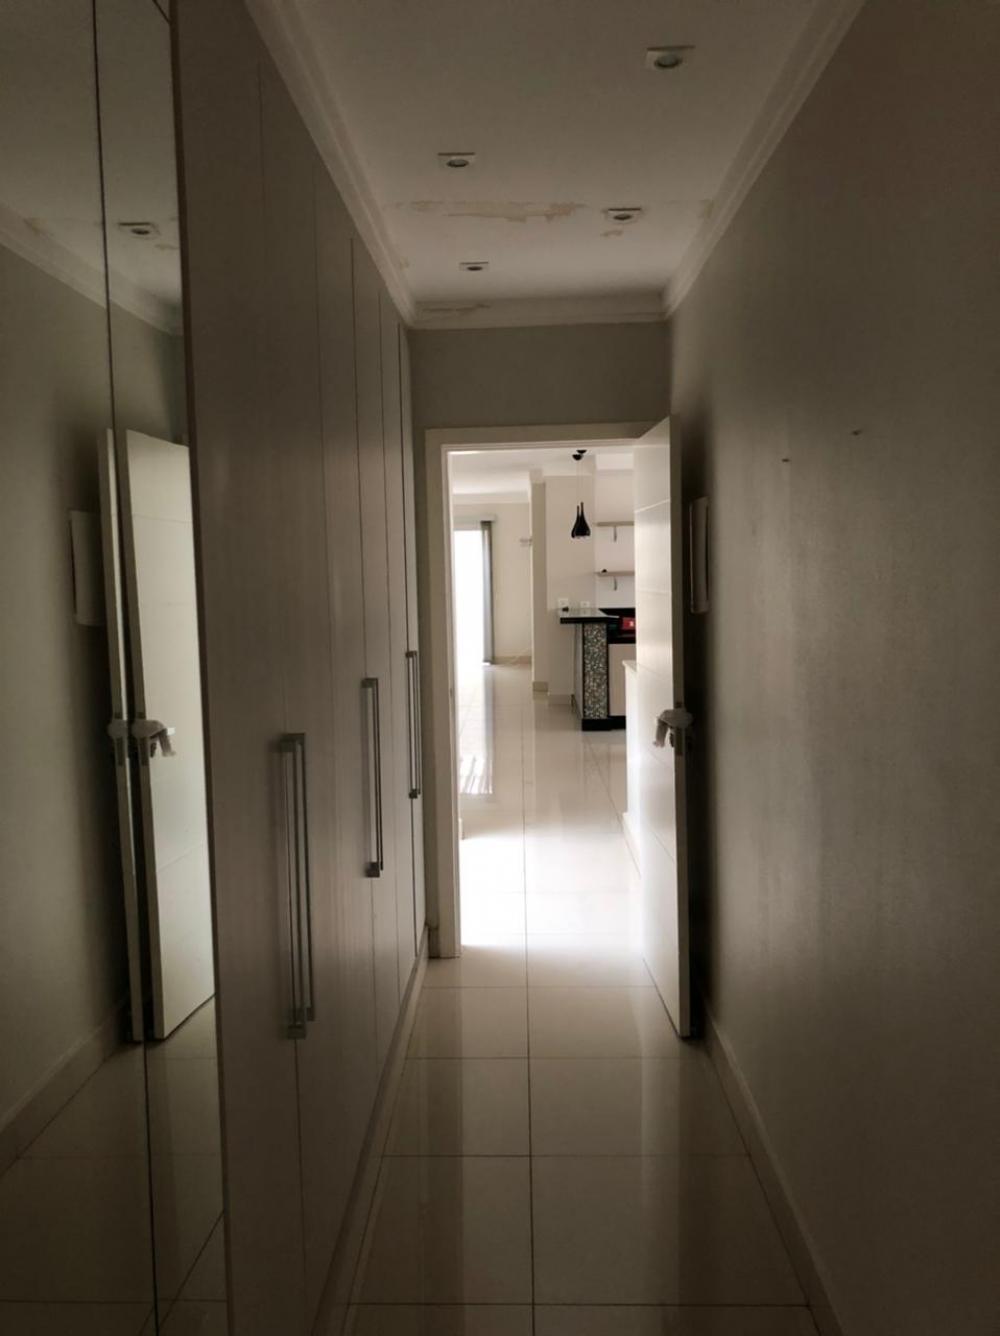 Linda casa em ótima localização, em terreno de 324,44 m², com 227,12 de construção, com 2 vagas de garagem, 3 dormitórios sendo 1 suite com closet, corredor dos quartos com roupeiro,  sala vários ambientes com lavabo + sala de estar, cozinha americana com planejados, coocktop, forno elétrico e exaustor, quintal com área de serviço, quarto e banheiro. ( ótimo acabamento, porcelanato, planejados, ar condicionado, etc). Aceita financiamento.